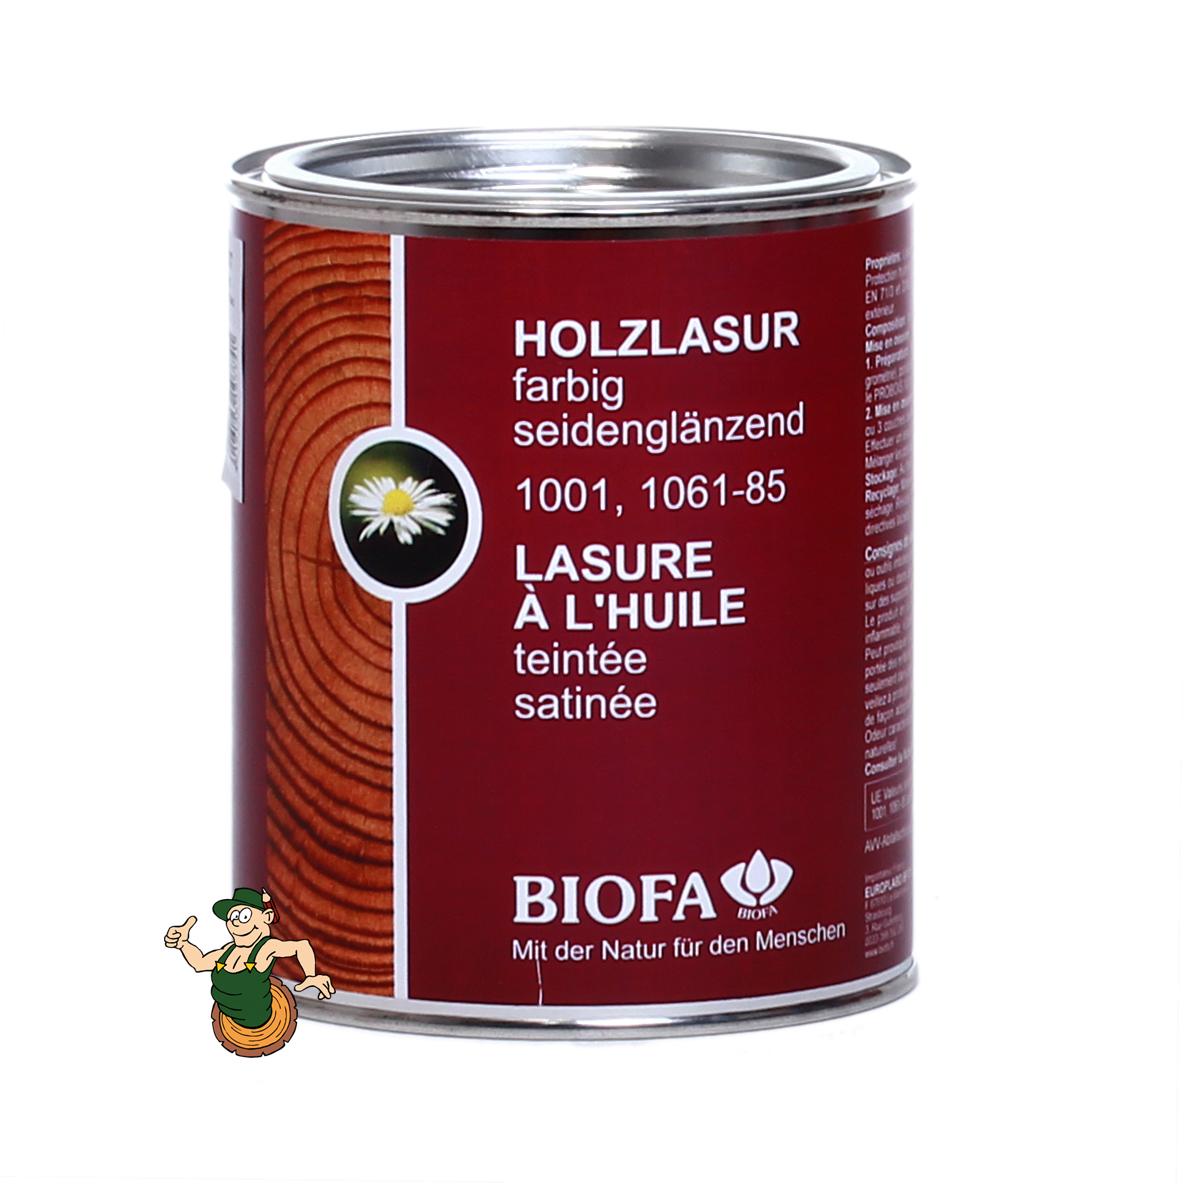 farbige holzlasur von biofa f r innen und aussen biofa versand. Black Bedroom Furniture Sets. Home Design Ideas